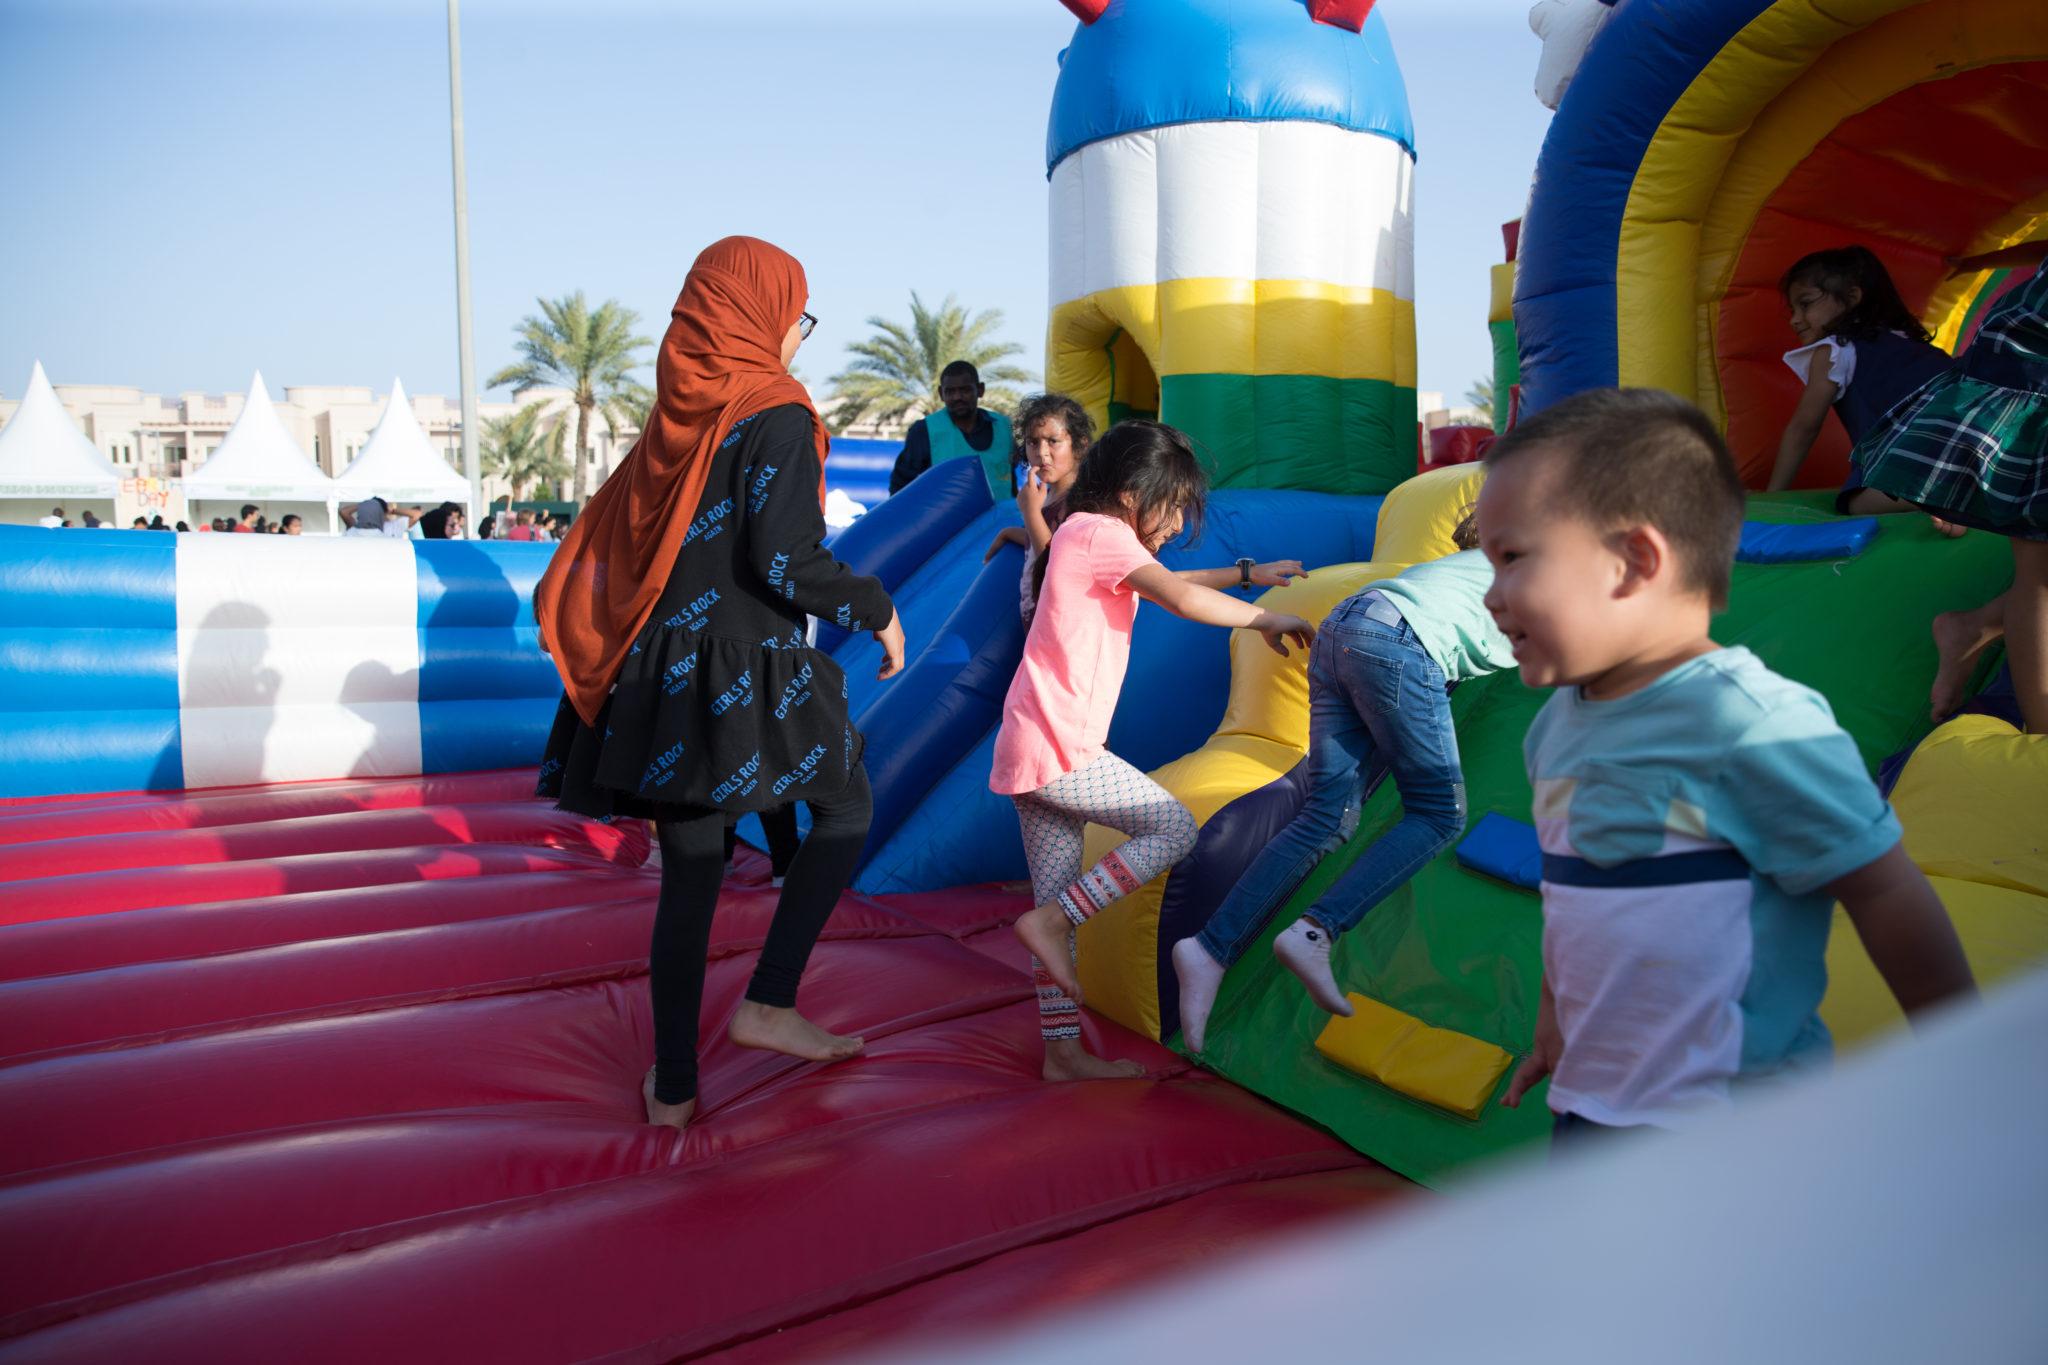 Bounce fun